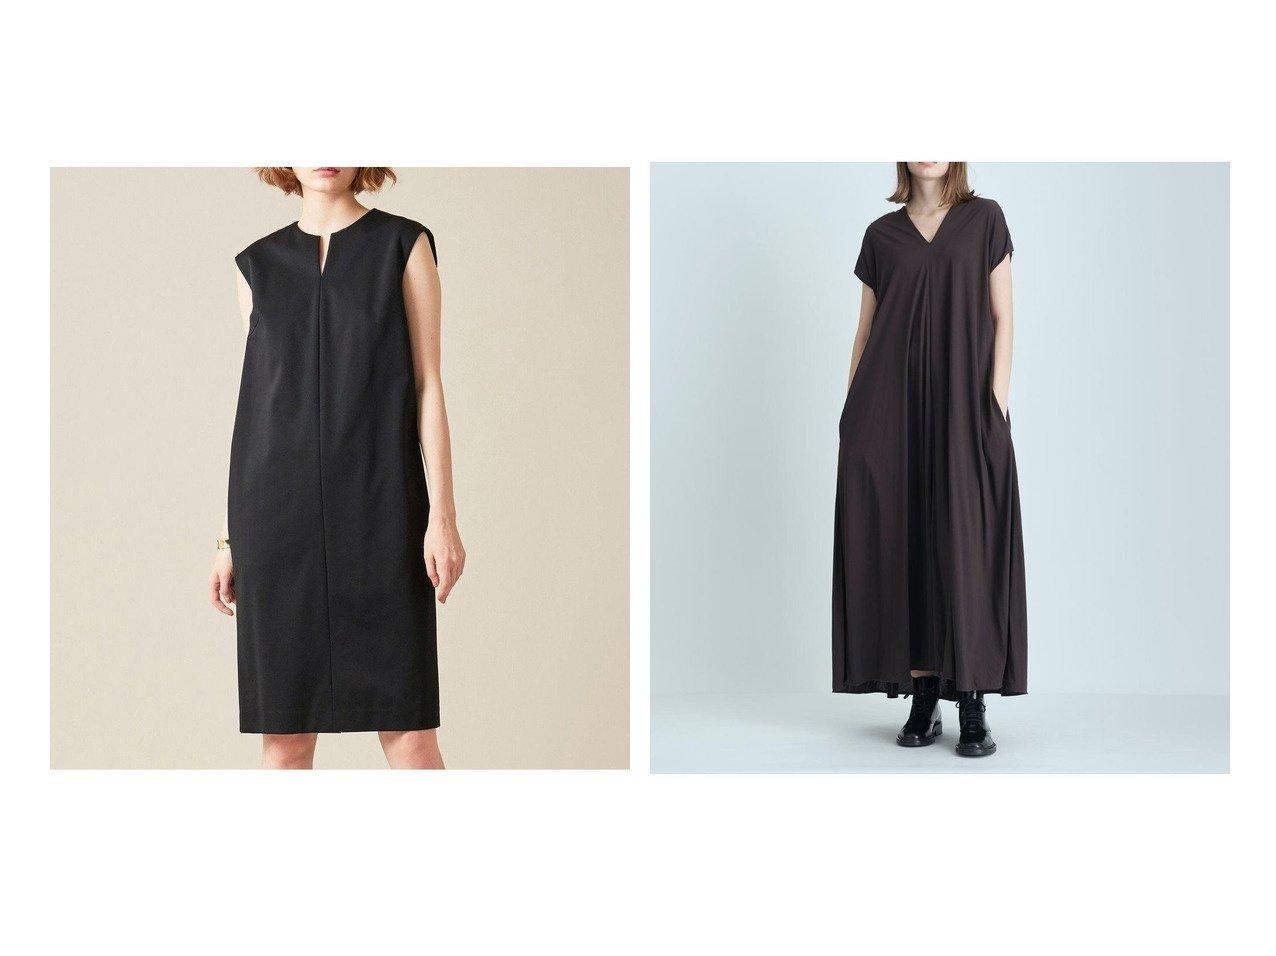 【BEIGE,/ベイジ,】のワンピース&【ATON/エイトン】のFRESCA ZERO ドレープドレス 【ワンピース・ドレス】おすすめ!人気、トレンド・レディースファッションの通販 おすすめで人気の流行・トレンド、ファッションの通販商品 メンズファッション・キッズファッション・インテリア・家具・レディースファッション・服の通販 founy(ファニー) https://founy.com/ ファッション Fashion レディースファッション WOMEN ワンピース Dress ドレス Party Dresses 送料無料 Free Shipping S/S・春夏 SS・Spring/Summer ジャージー ストレート インド ドレス ドレープ ロング |ID:crp329100000037704